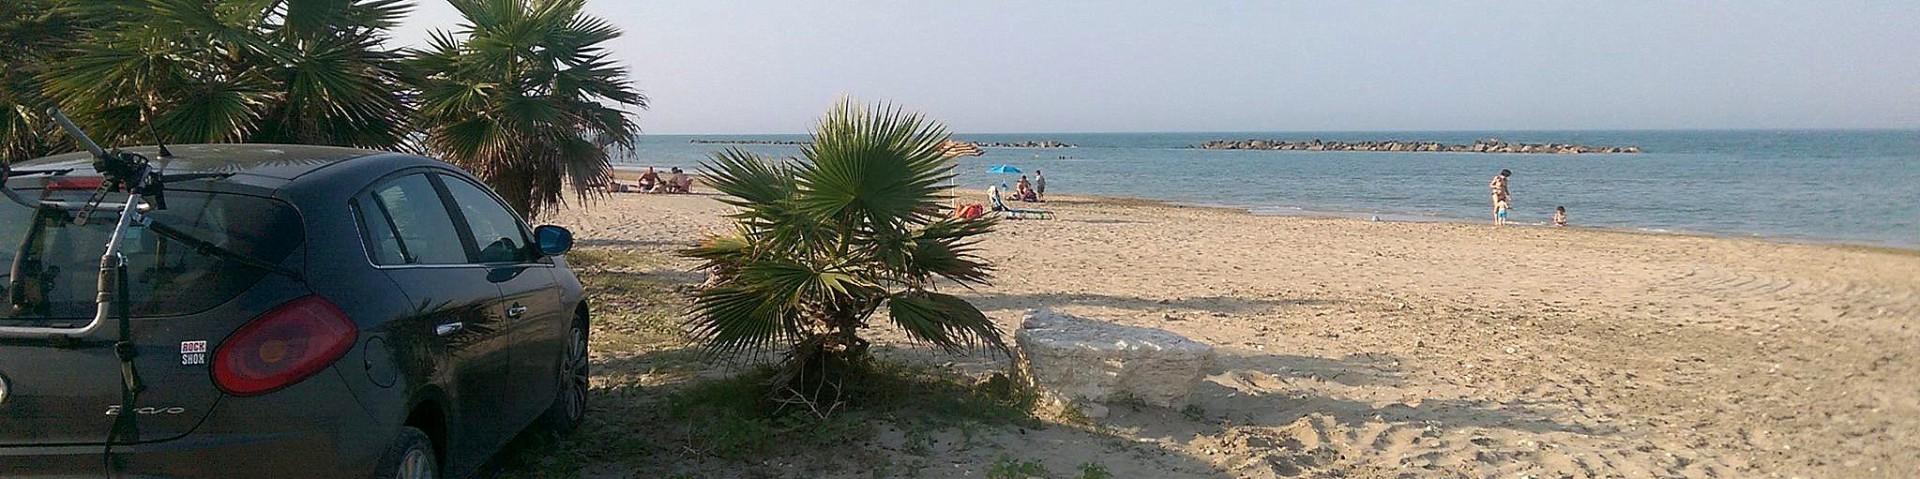 Pedaso, pláž je tu písčitá i oblázková, se spoustou volného prostoru